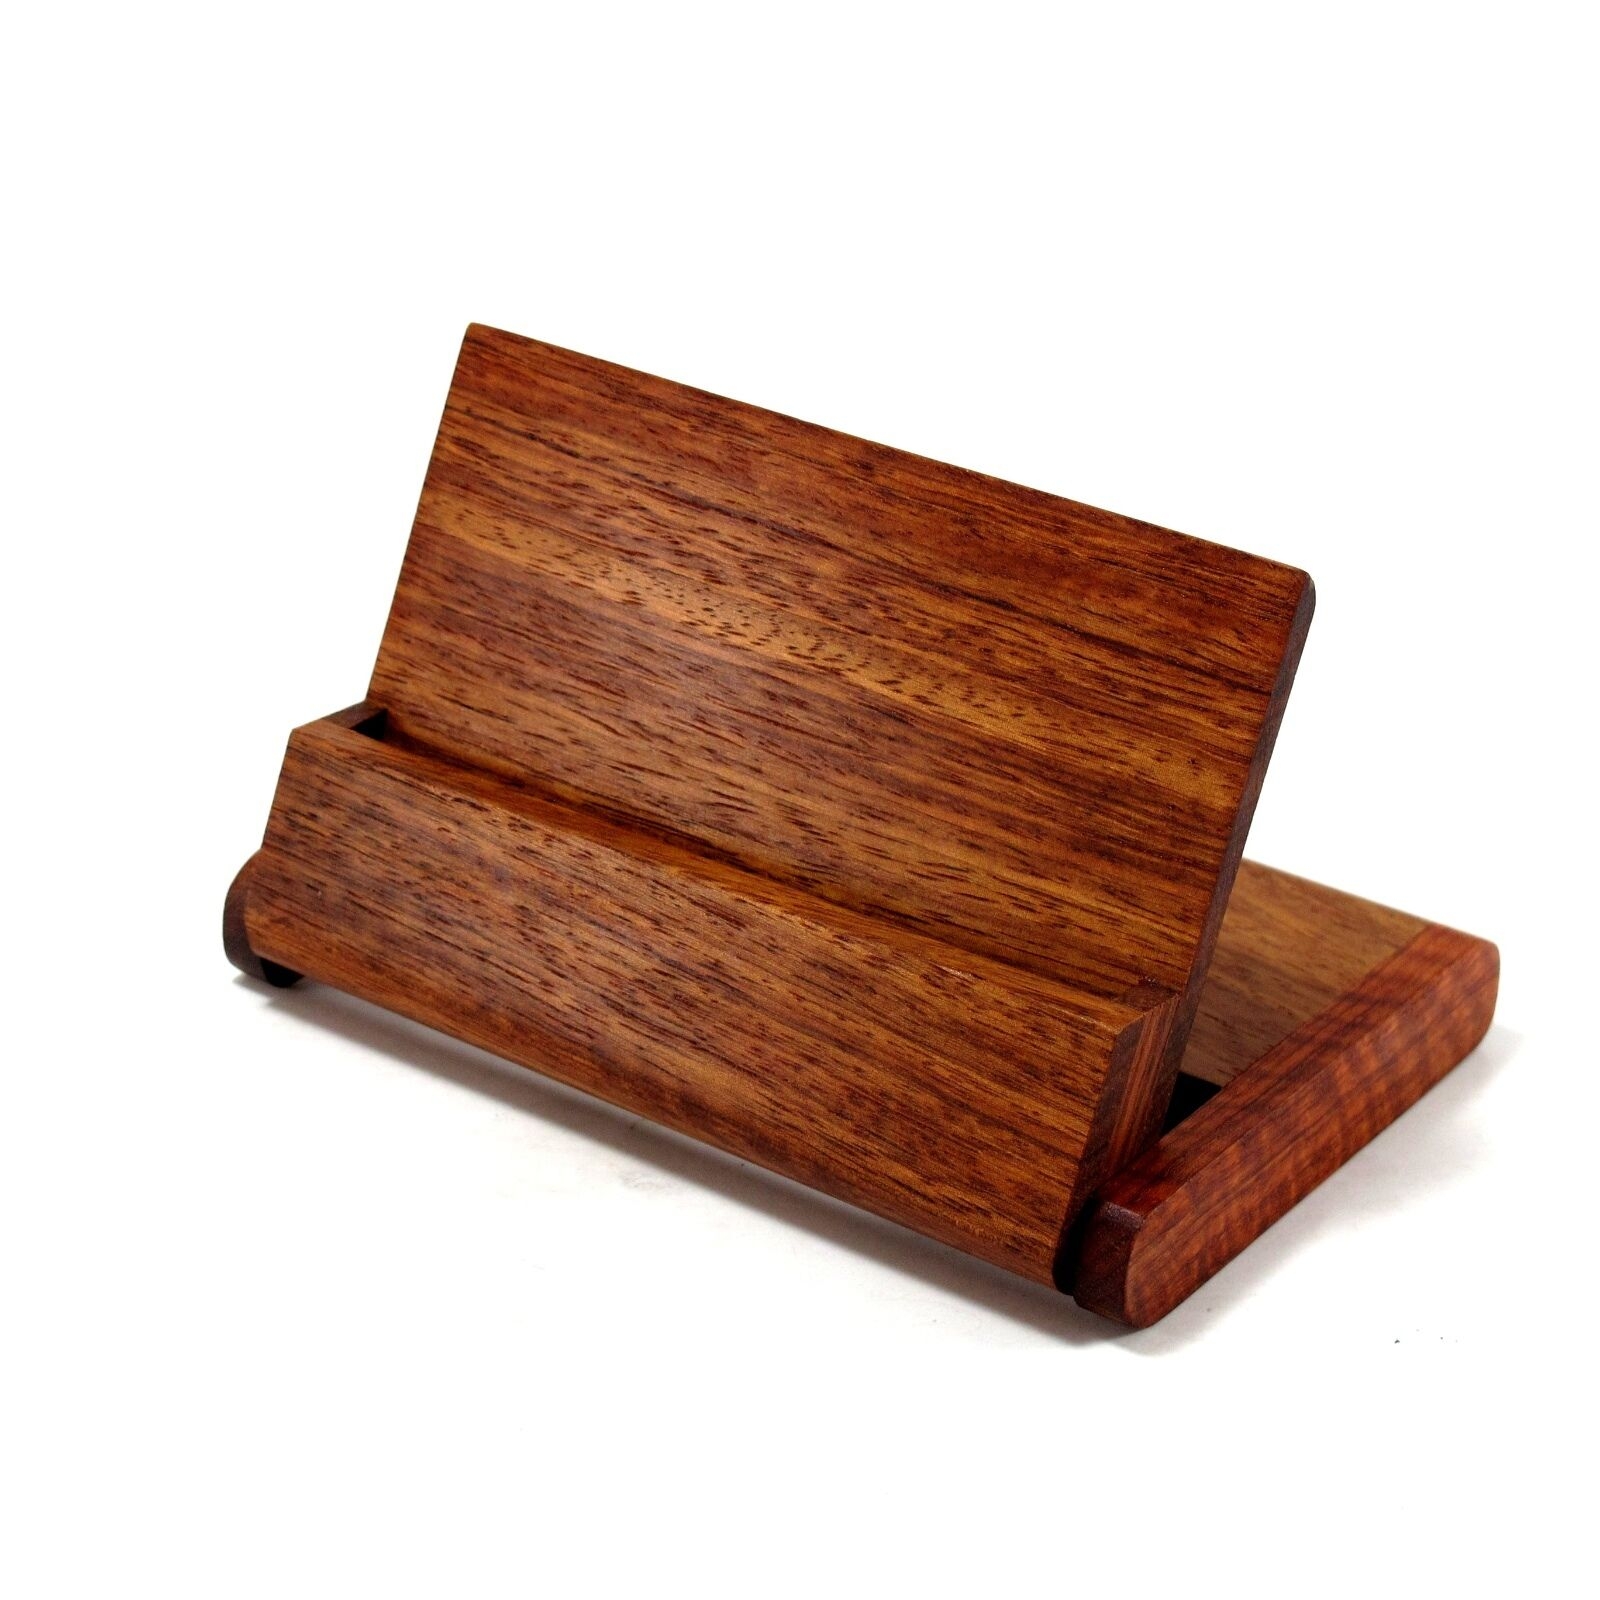 Hộp đựng name card bằng gỗ NC091 lật ngược để bàn